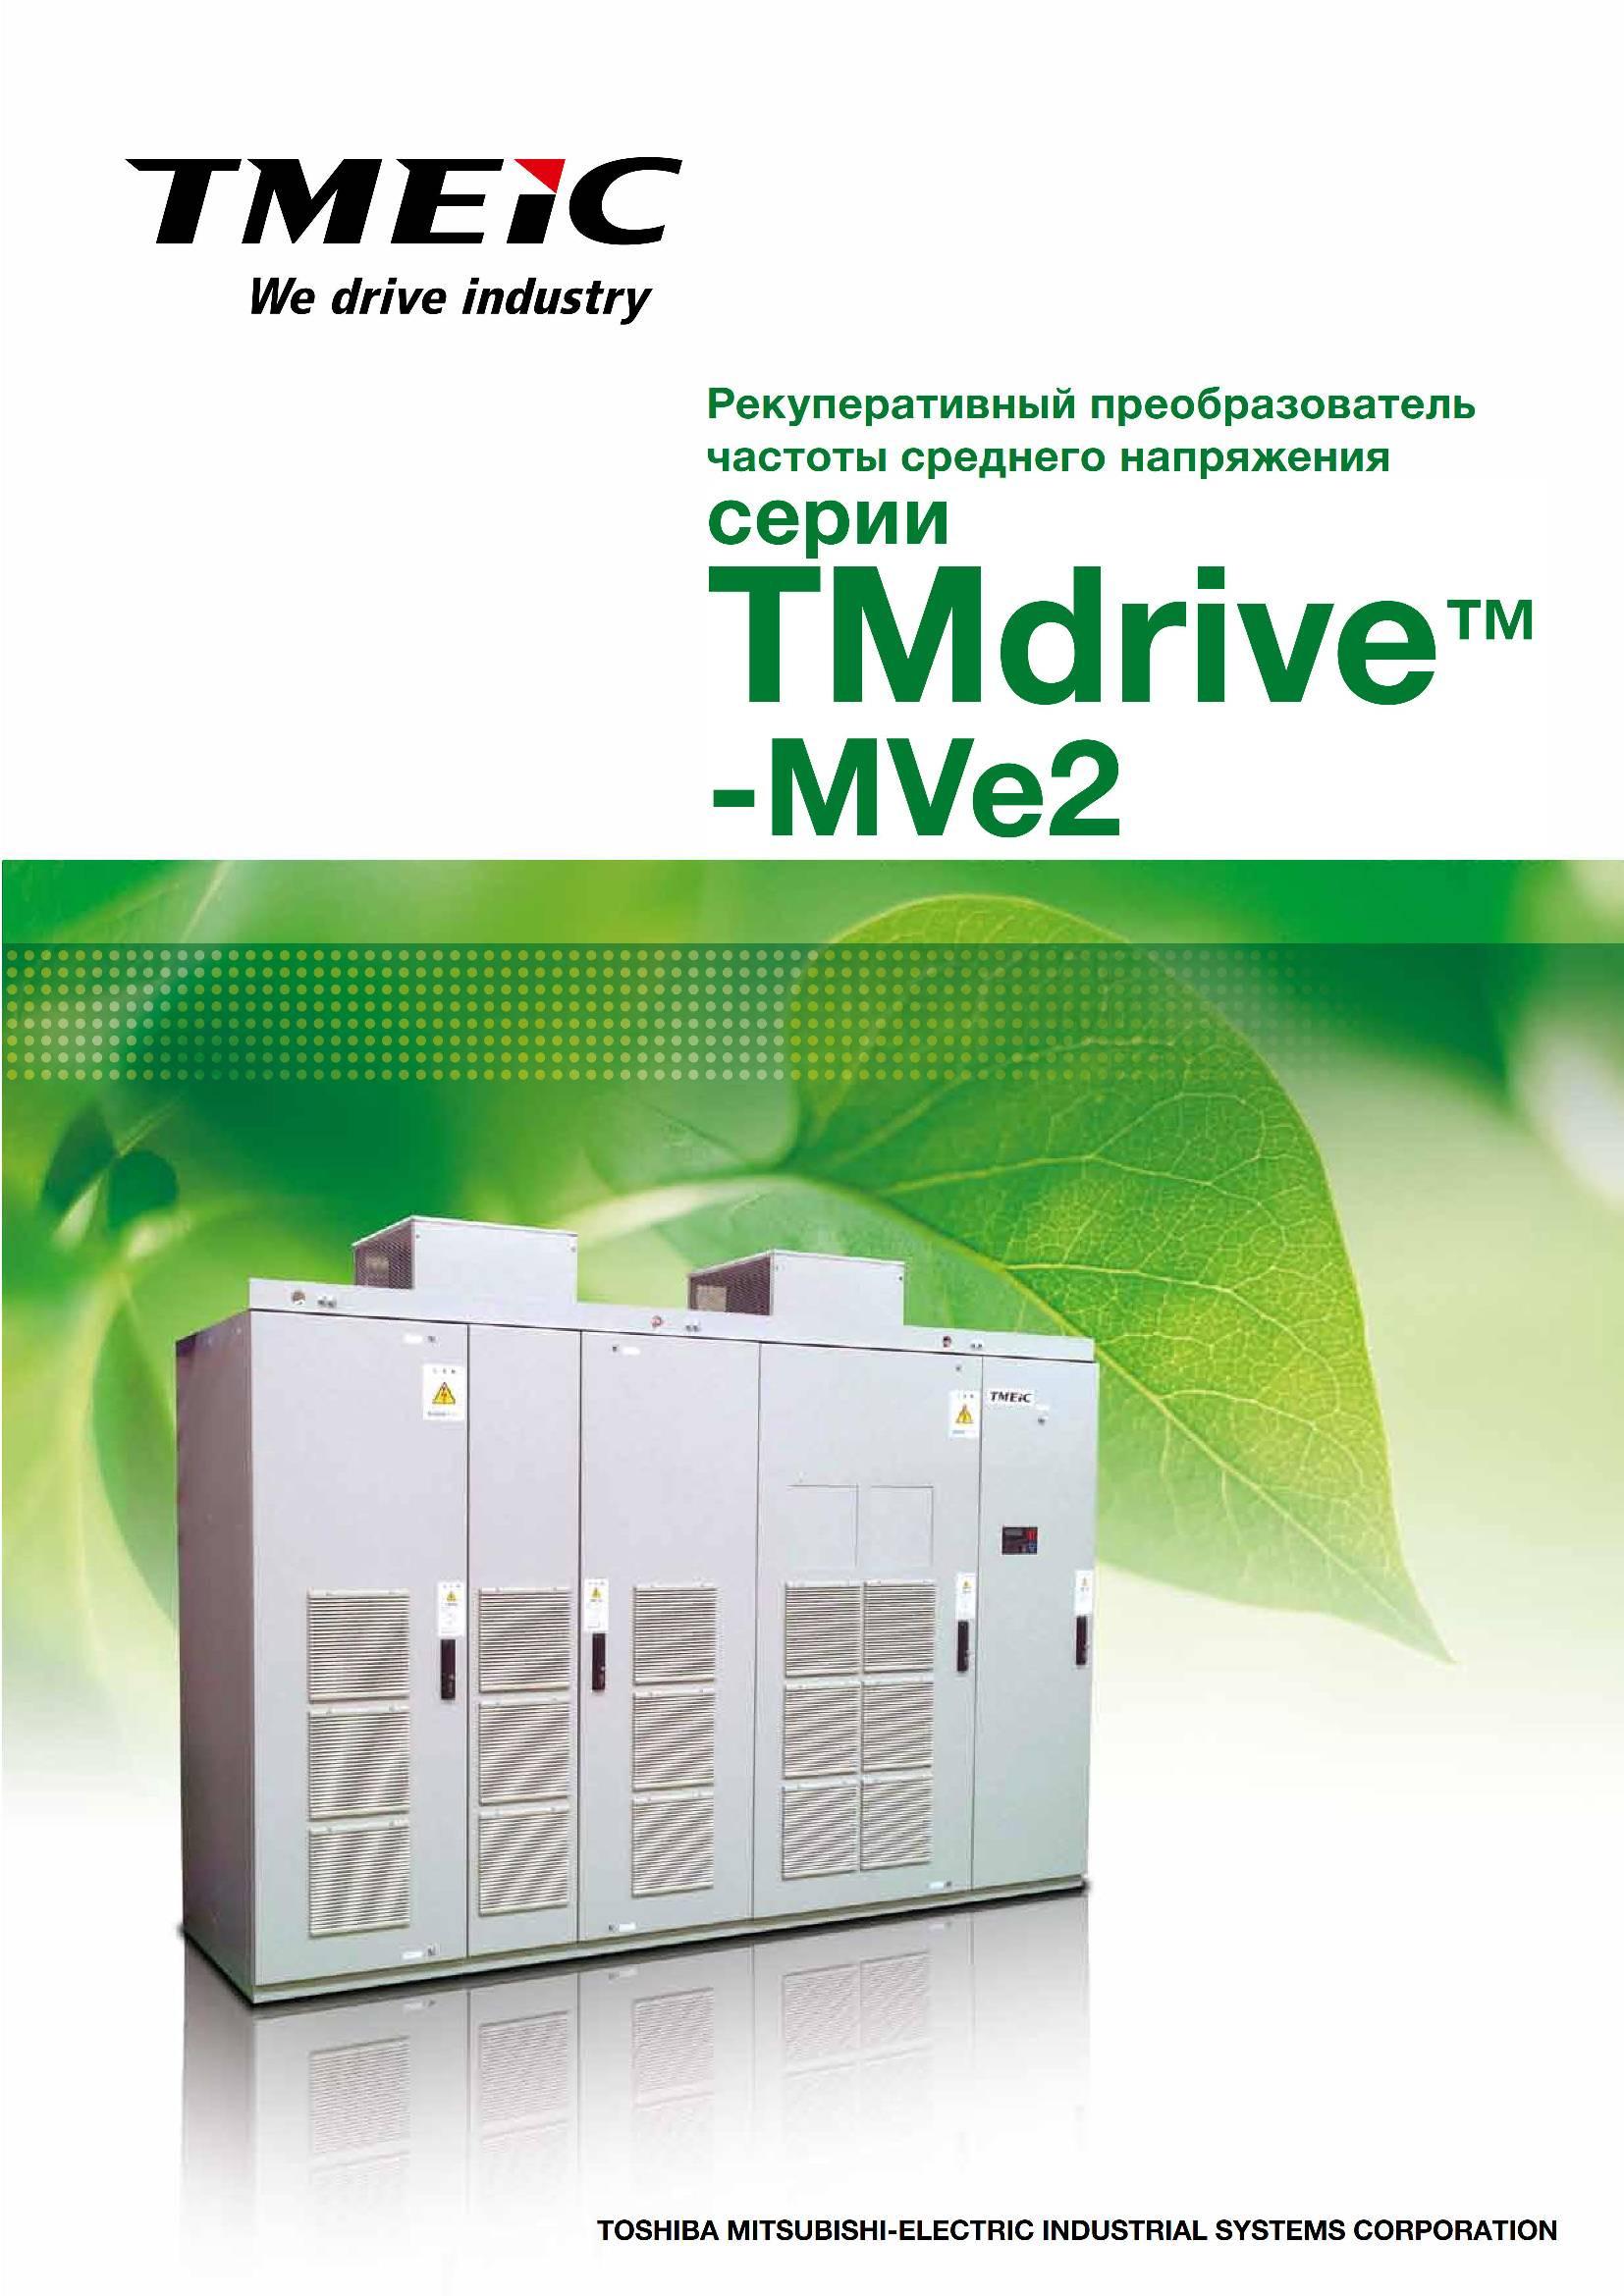 Рекуперативный преобразователь частоты среднего напряжения TMdrive-MVe2 у официального дилера